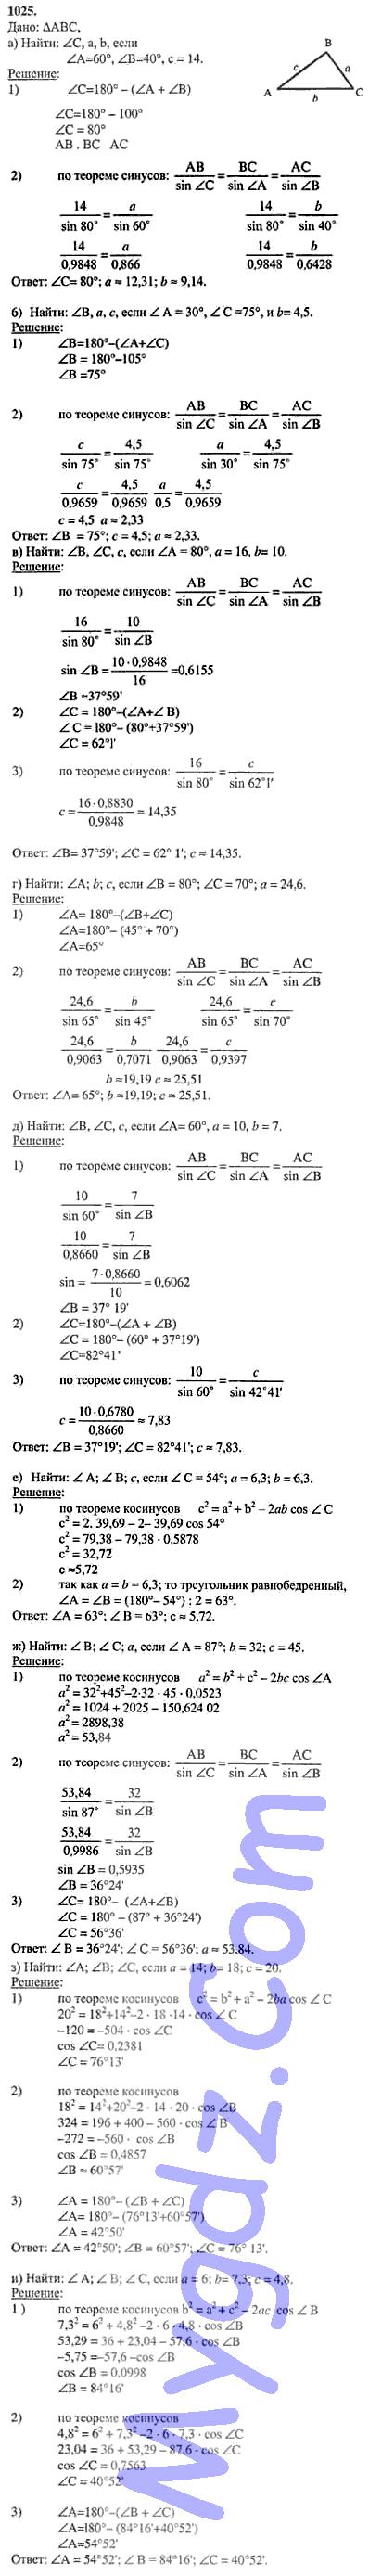 Жохов крайнева: уроки алгебры в 9 классе скачать